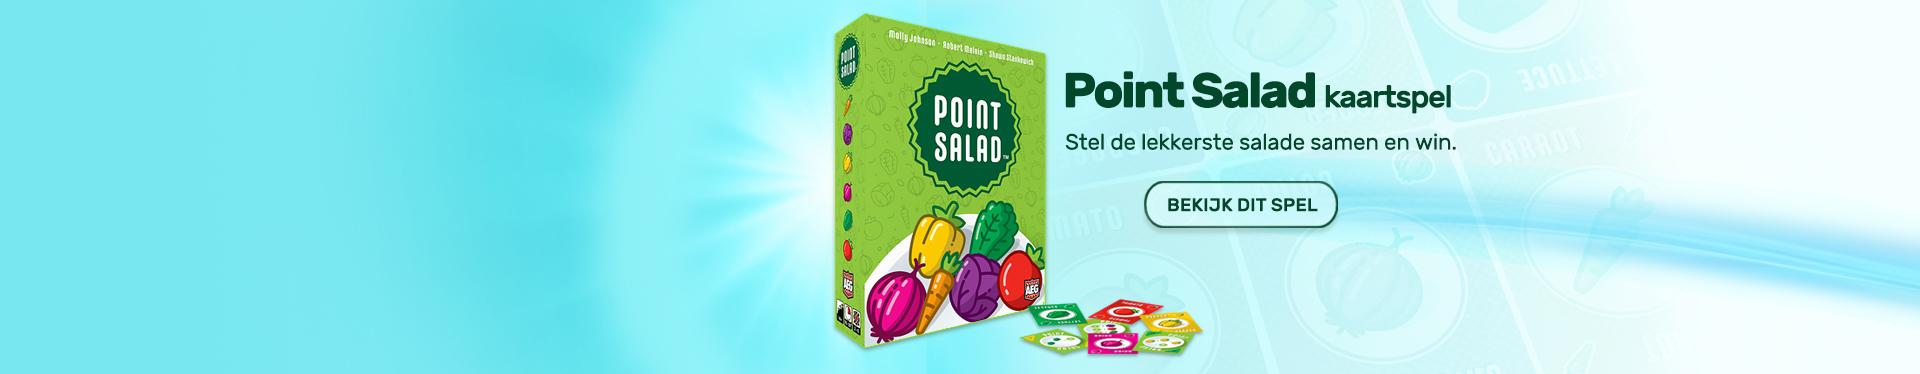 Point Salad - Kaartspel